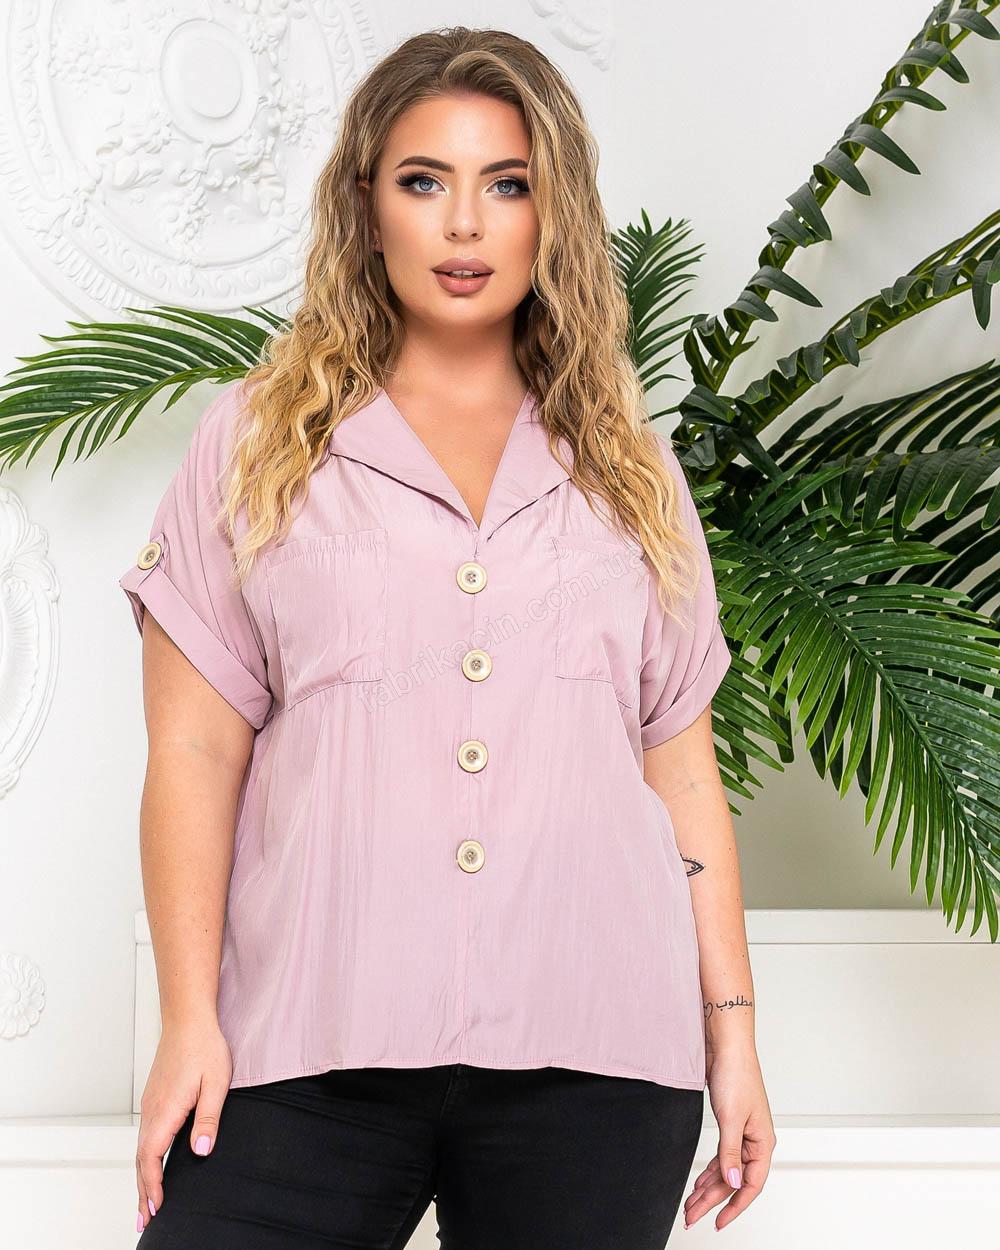 Блузка с карманами и фальш-пуговицами р-р: 50 - 54 цвет: лиловый - 1